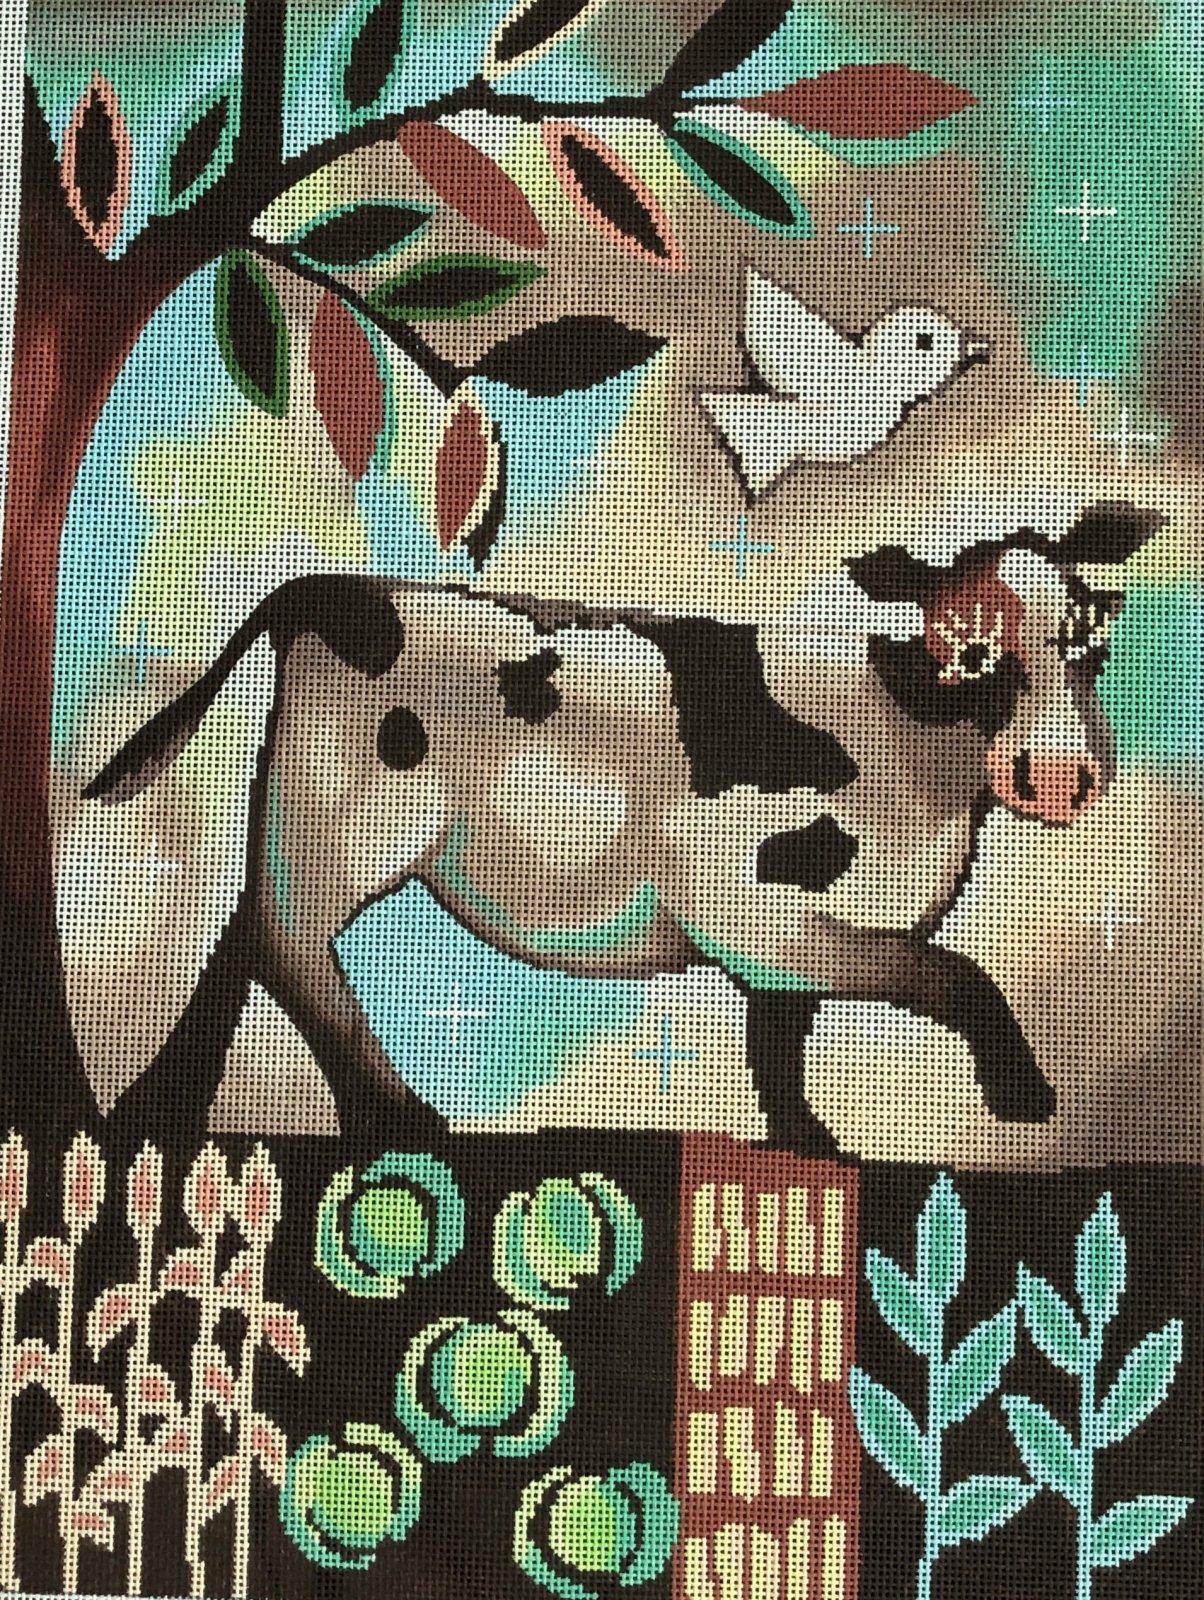 KS1 - COW IN GARDEN